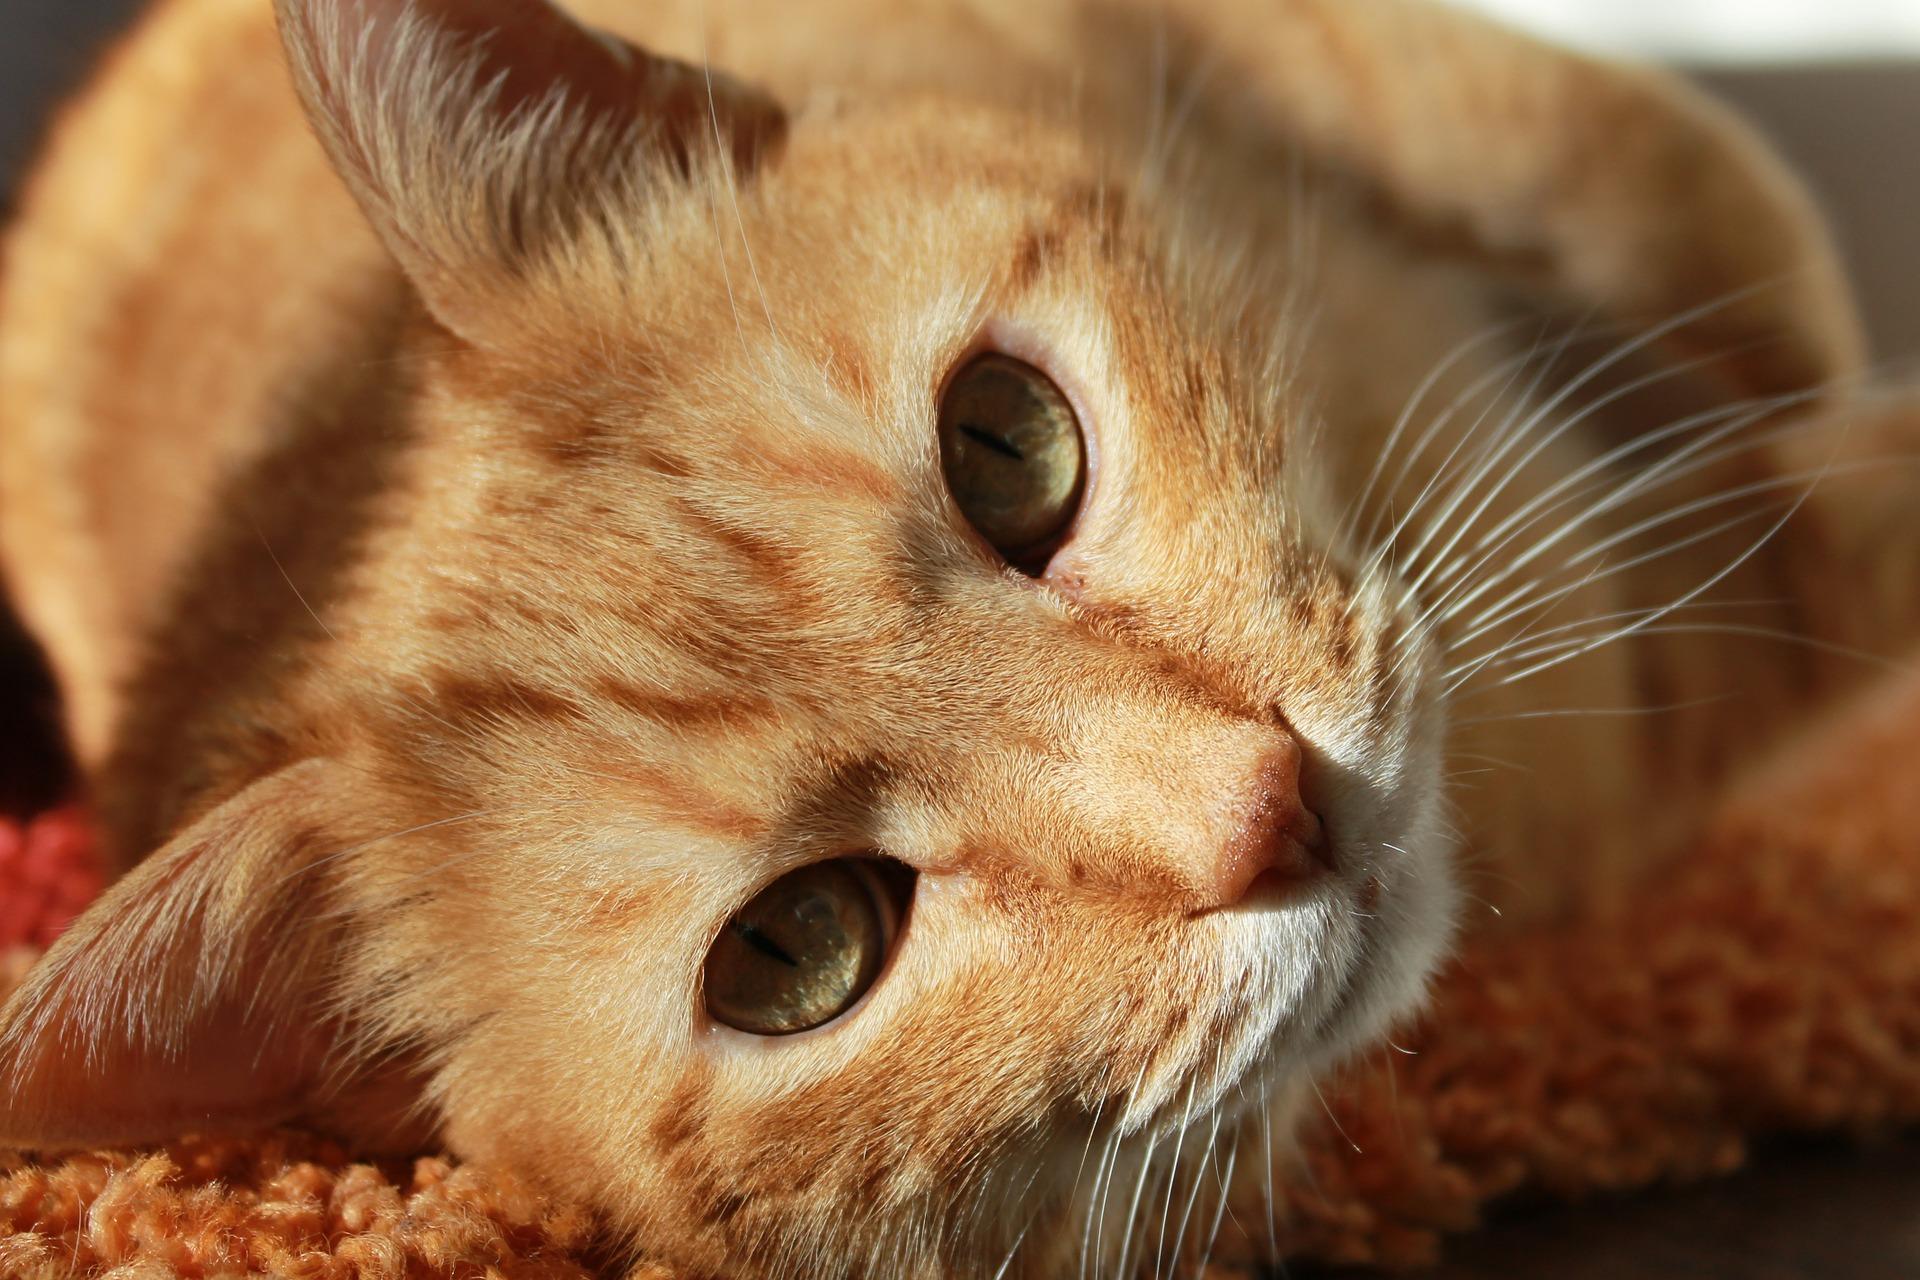 बिल्ली, पालतू पशु, देखो, आँखें, दोस्त, ब्राउन - HD वॉलपेपर - प्रोफेसर-falken.com